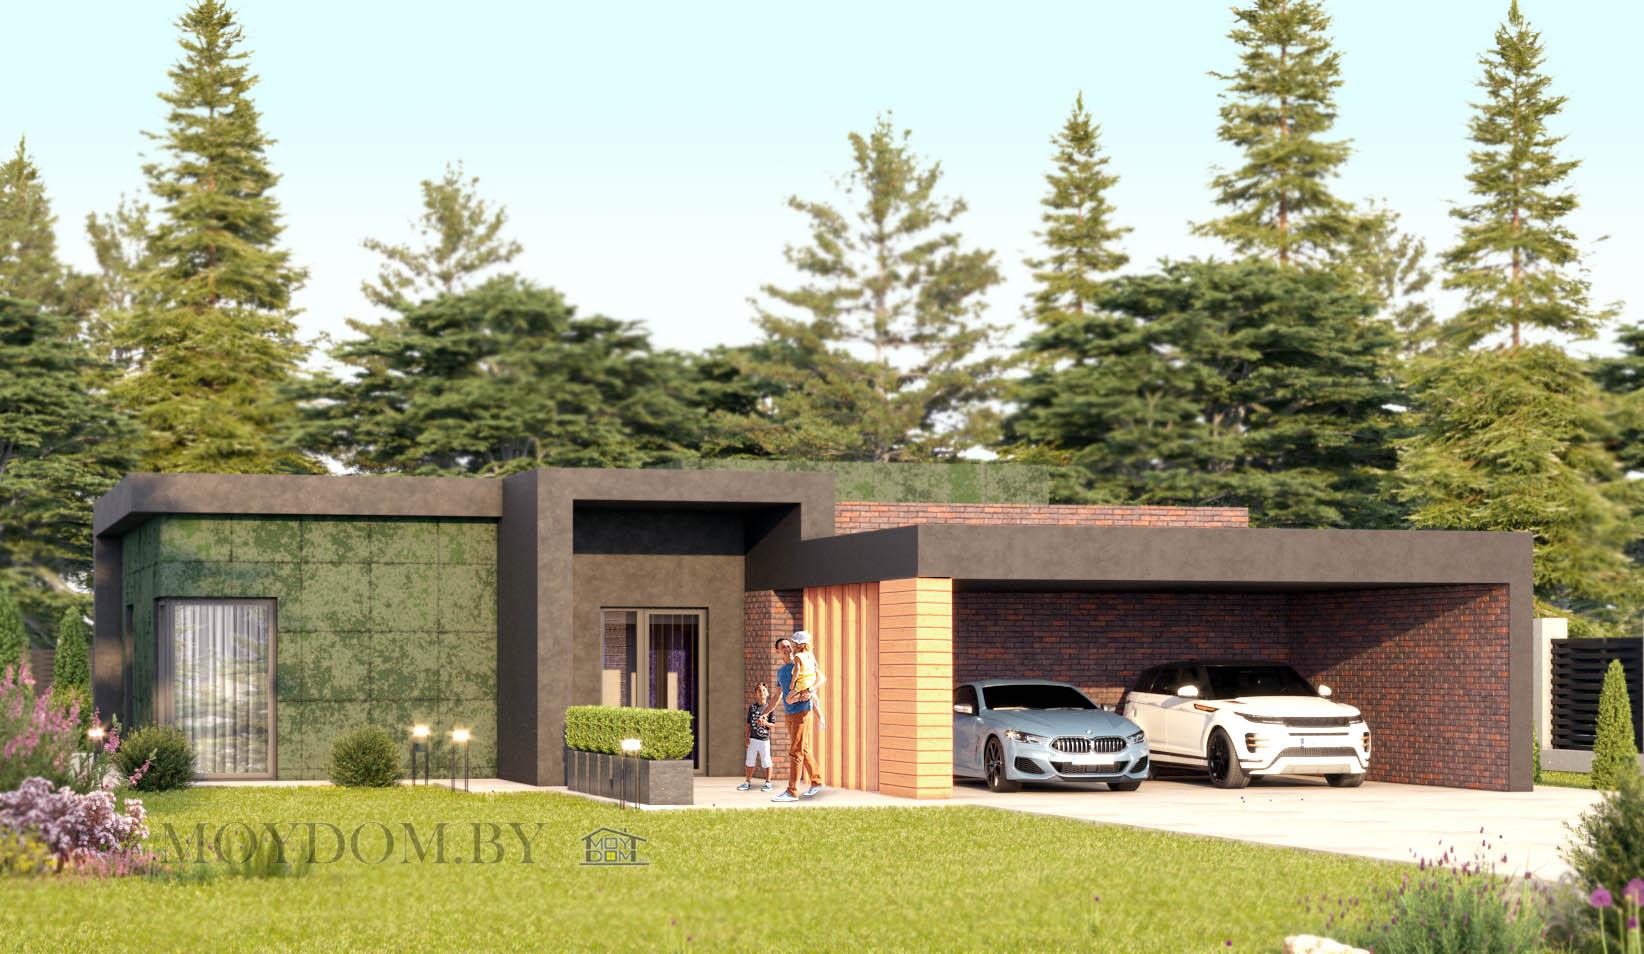 проект одноэтажного дома 927 с плоской крышей и навесом